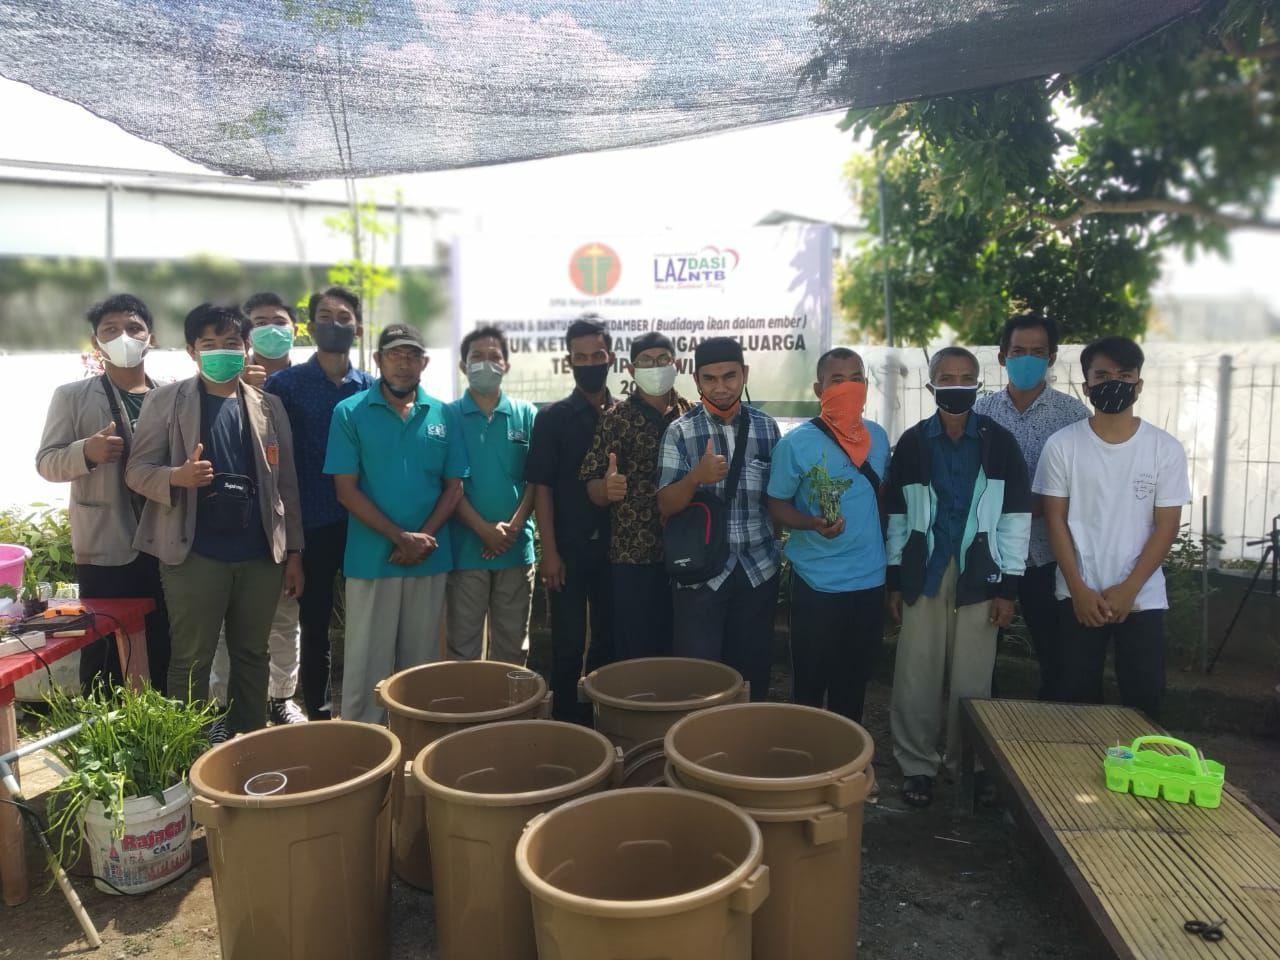 Gandeng Smansa Mataram, Laz Dasi NTB Latih Masyarakat 'BUDIKDAMBER'